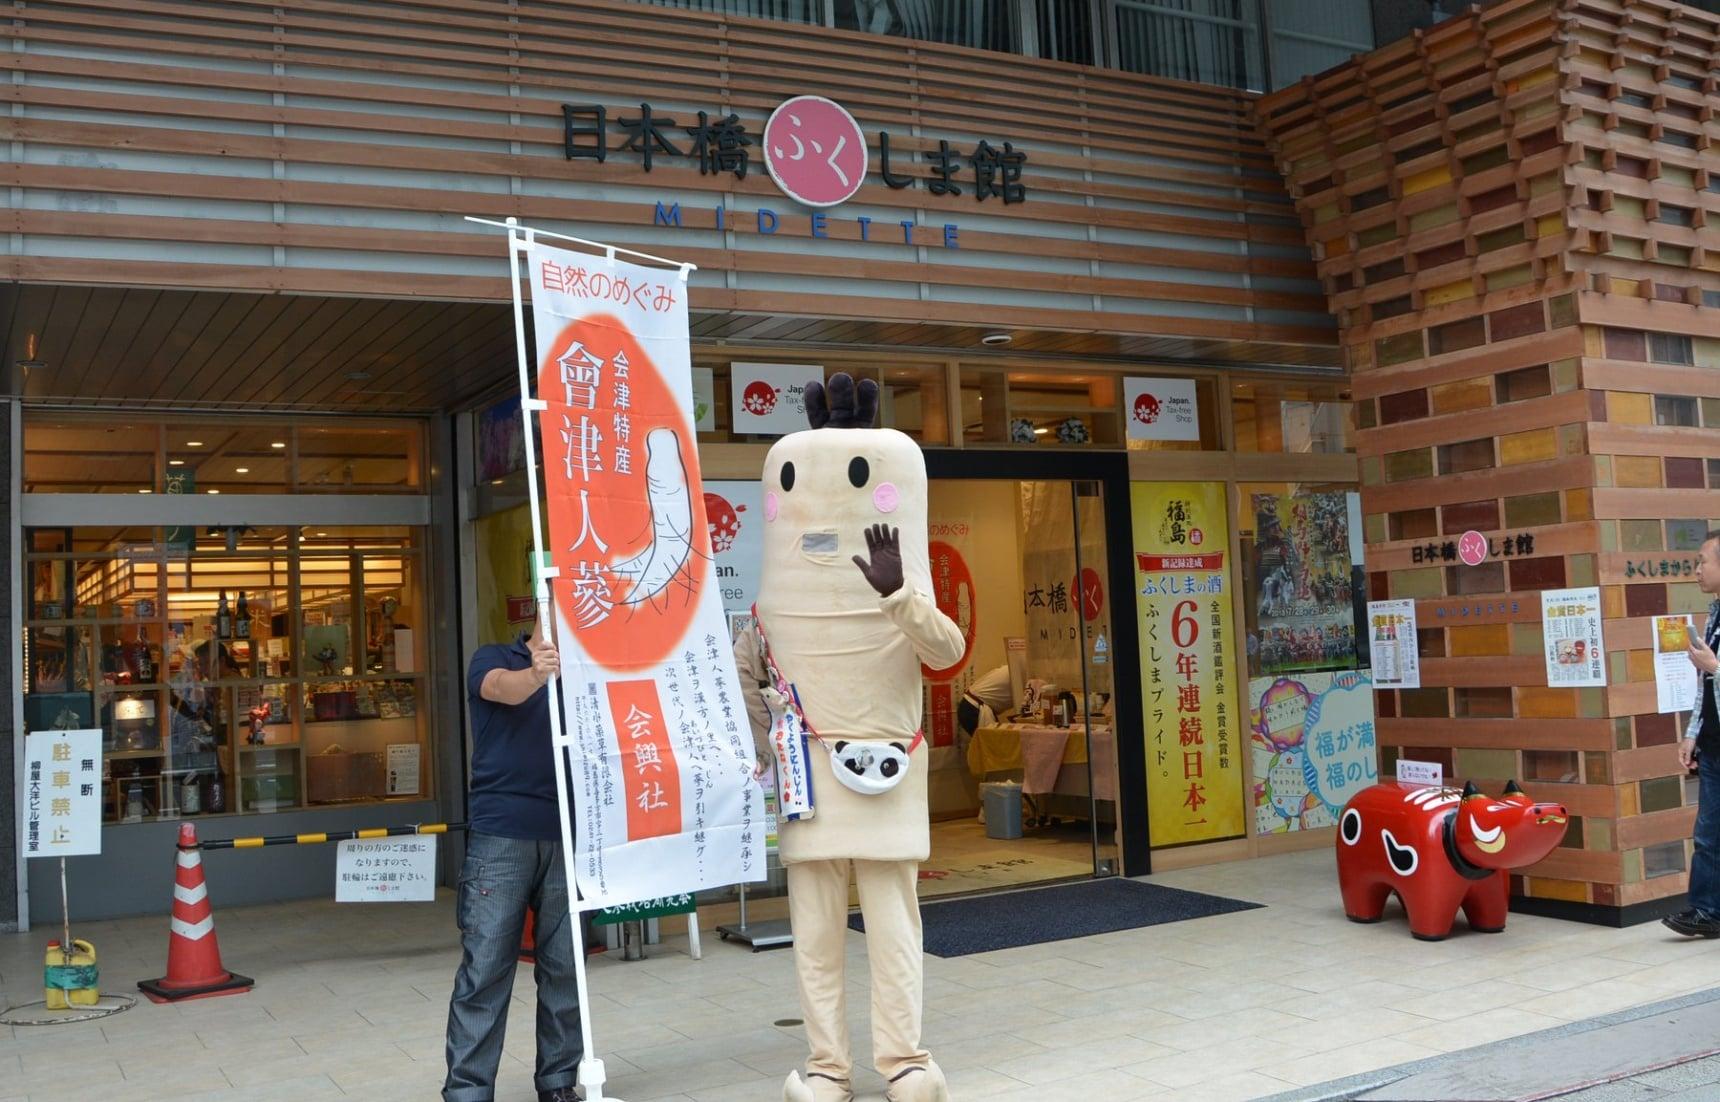 【日本47都道府縣特產直銷店在東京】在日本橋發現「福島」的美好